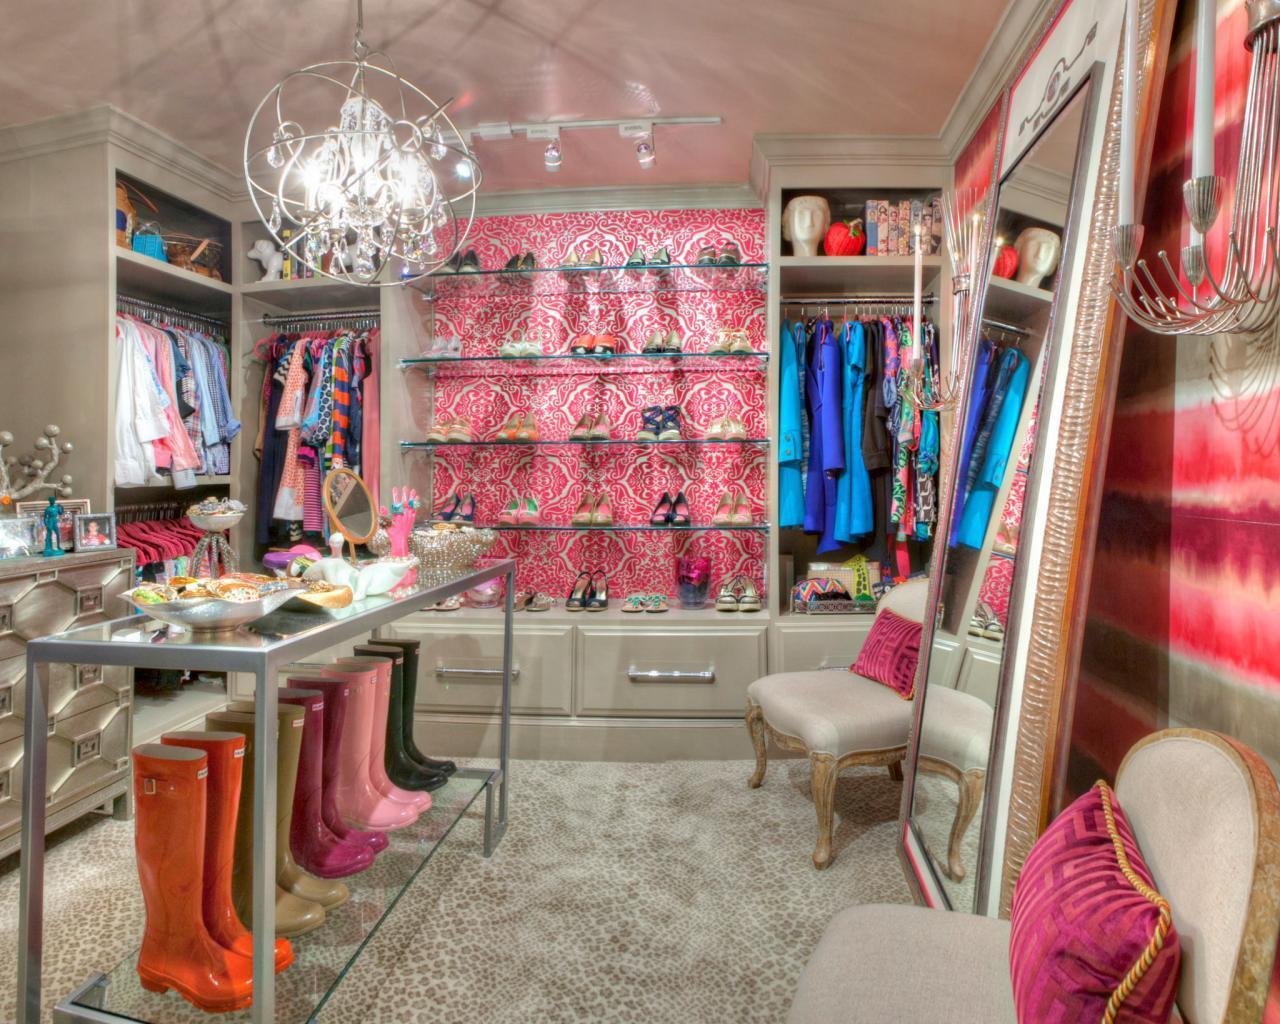 D's Closet